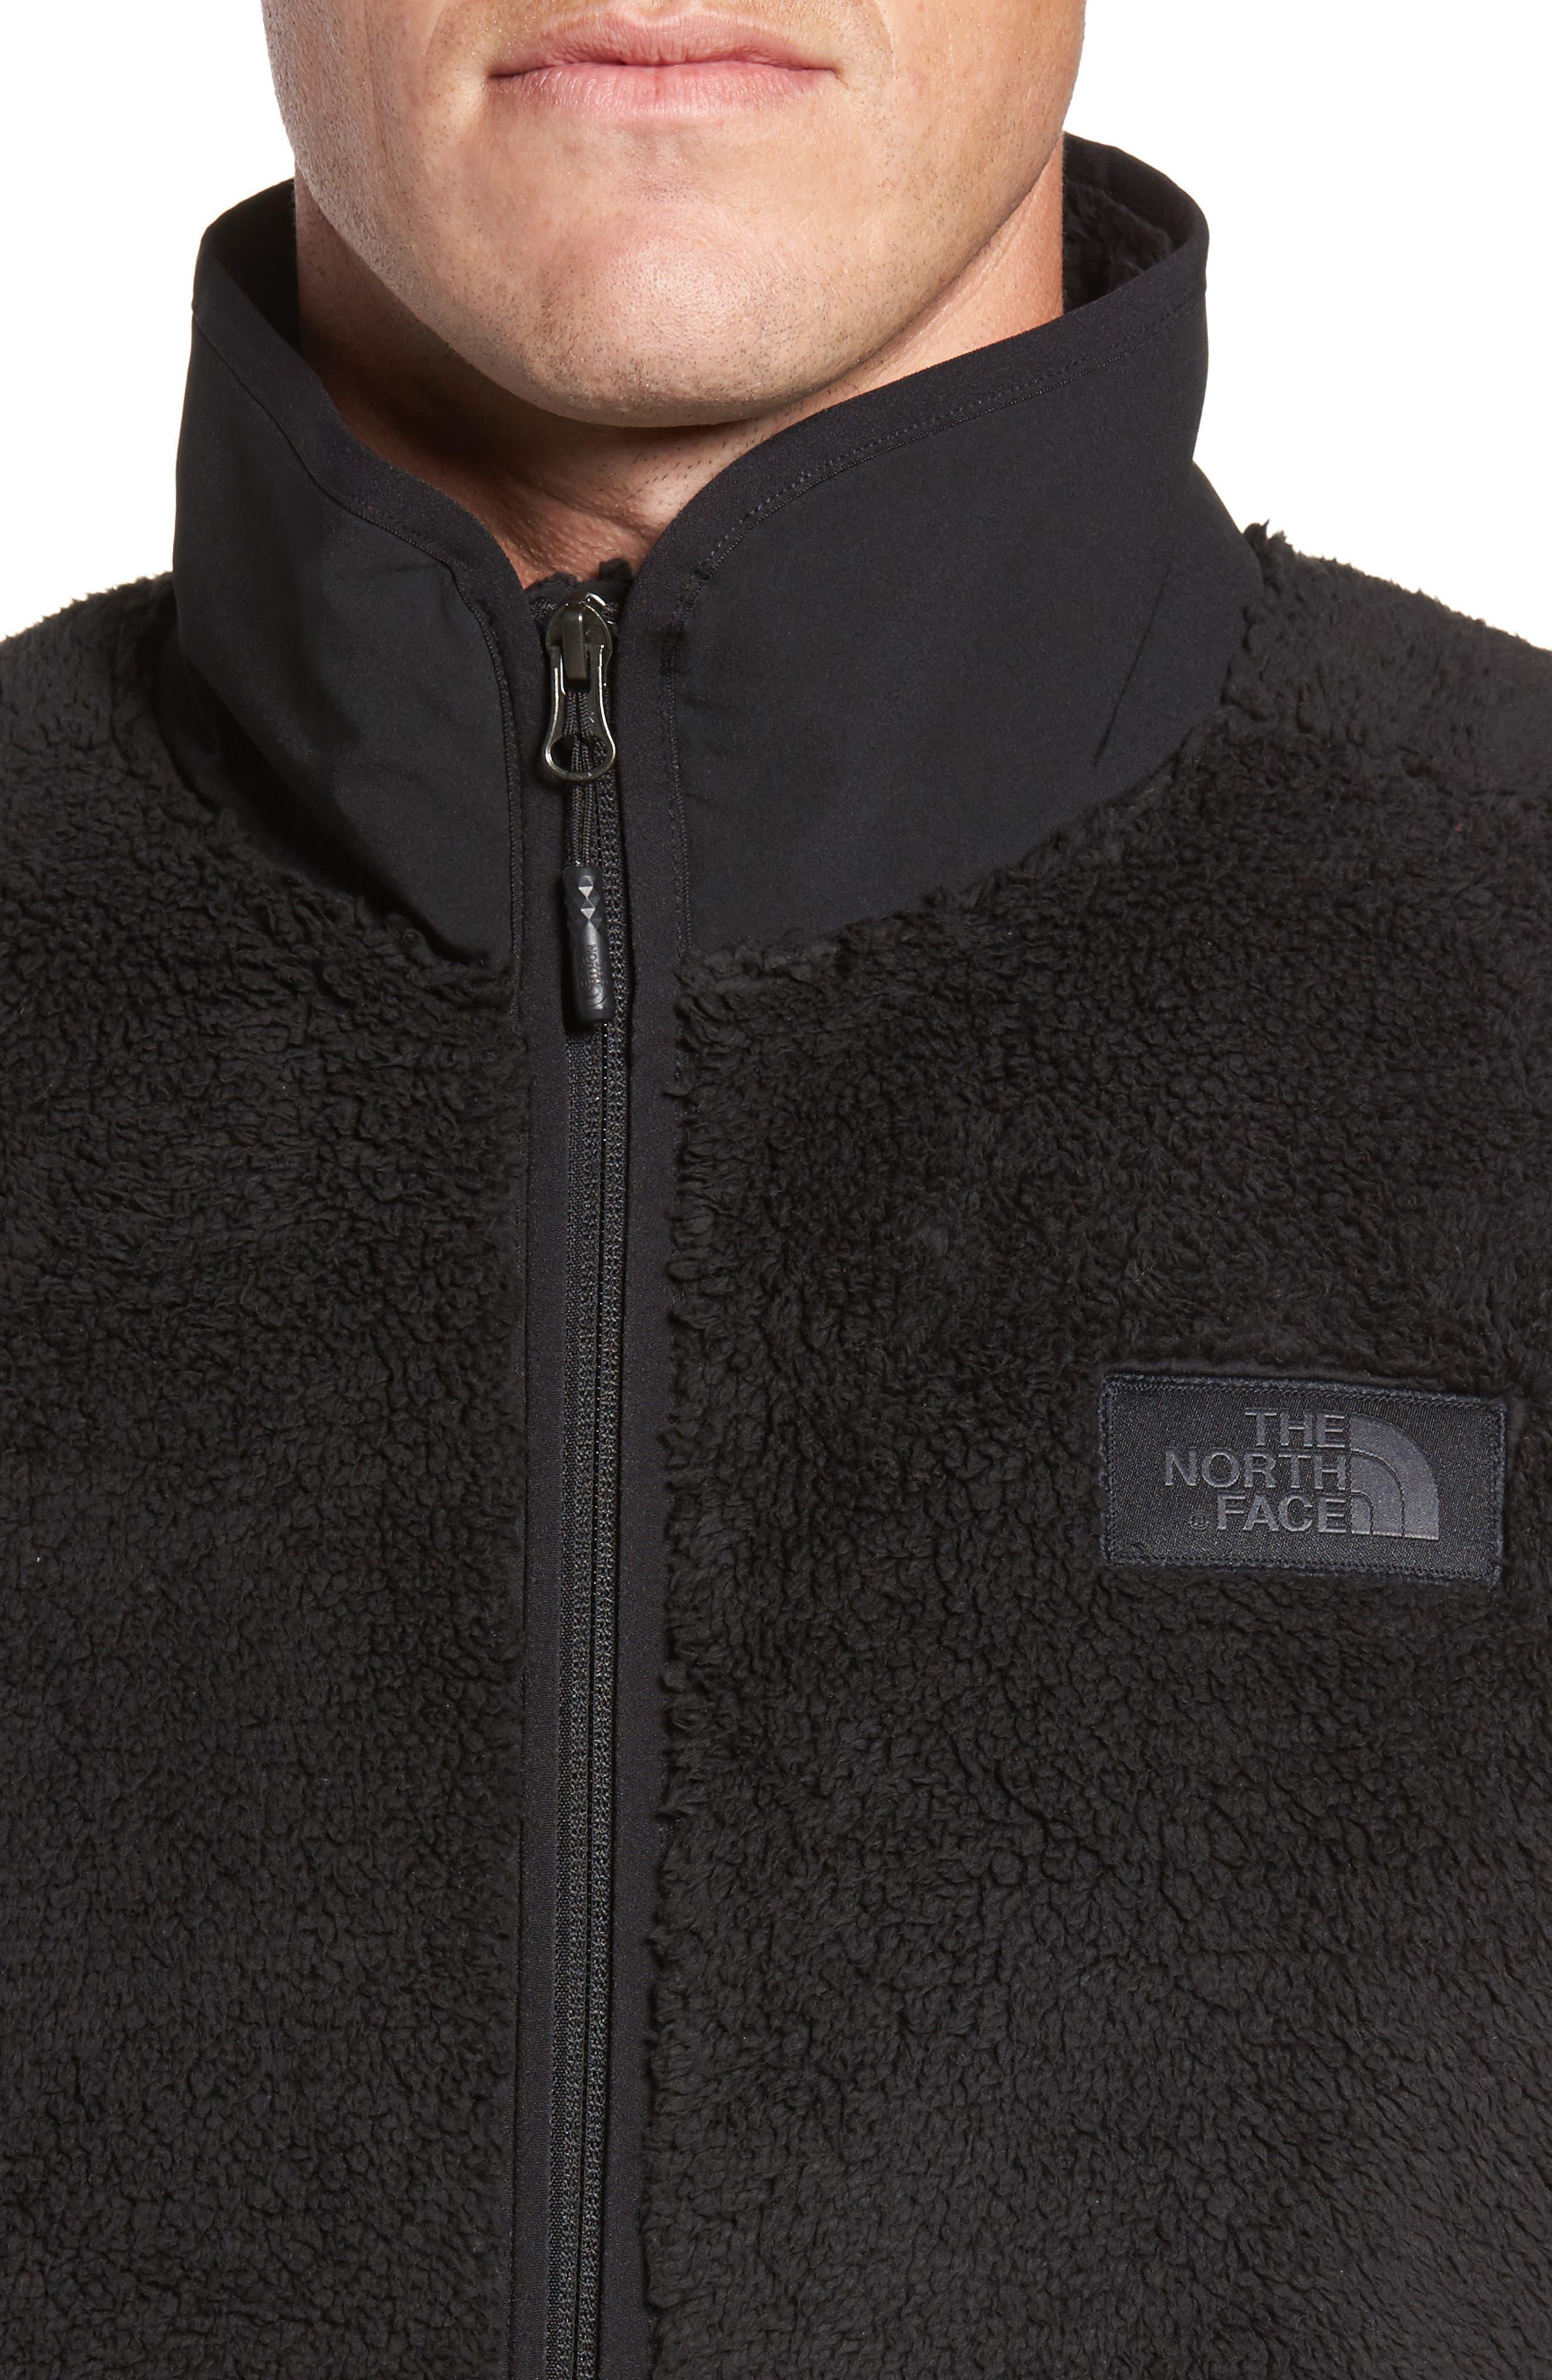 Campshire Fleece Vest,                             Alternate thumbnail 4, color,                             Black